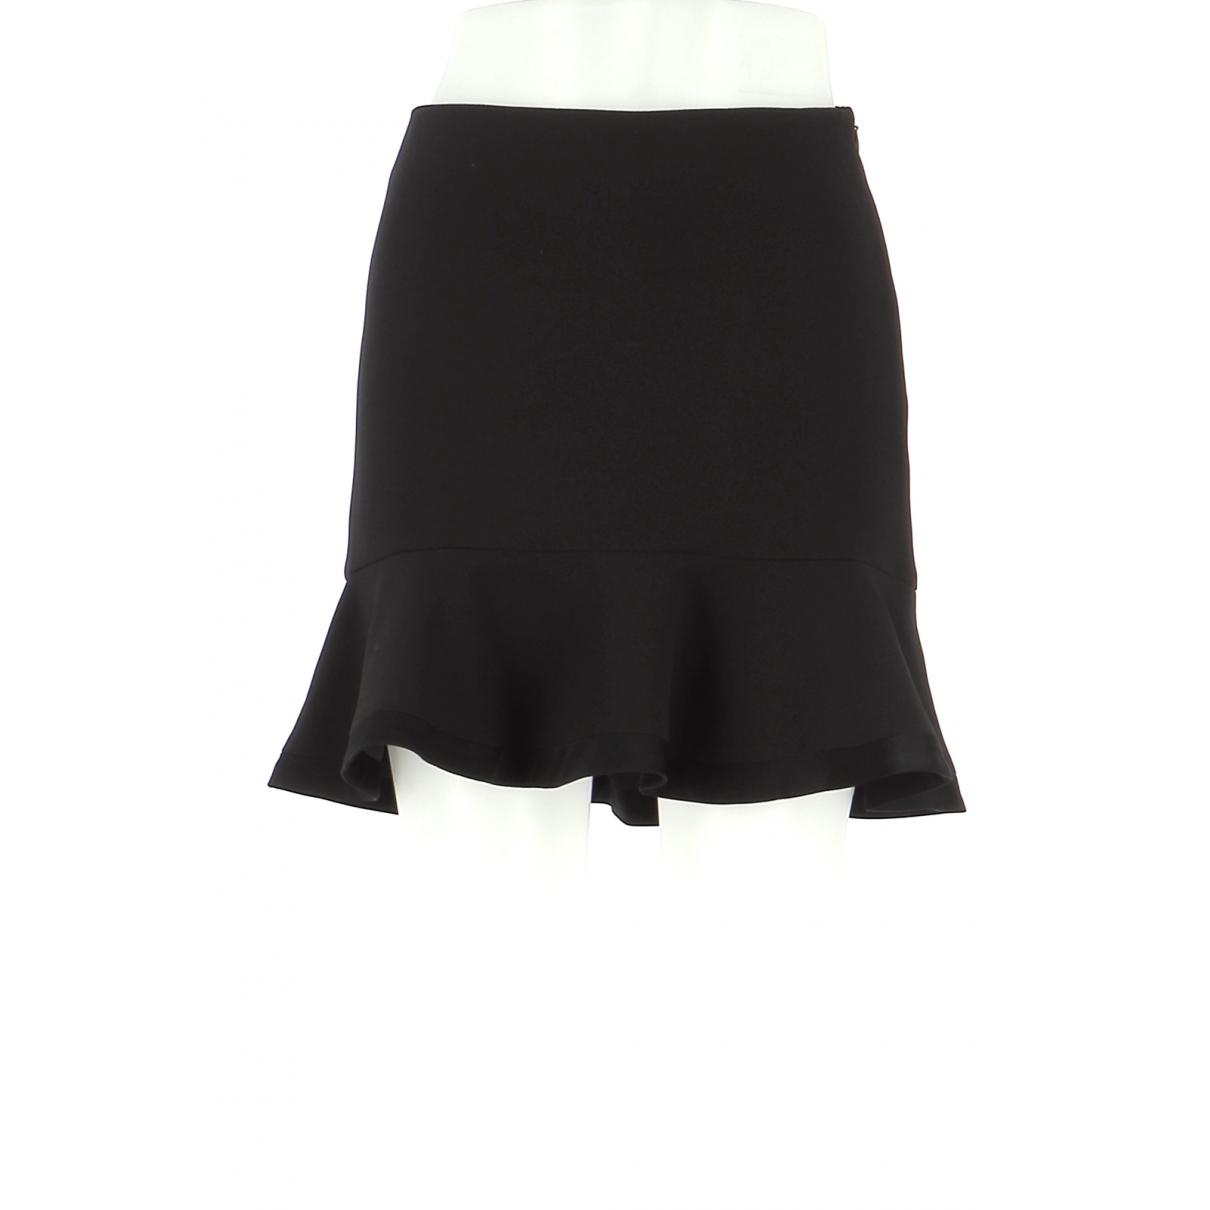 Claudie Pierlot \N Black skirt for Women 34 FR